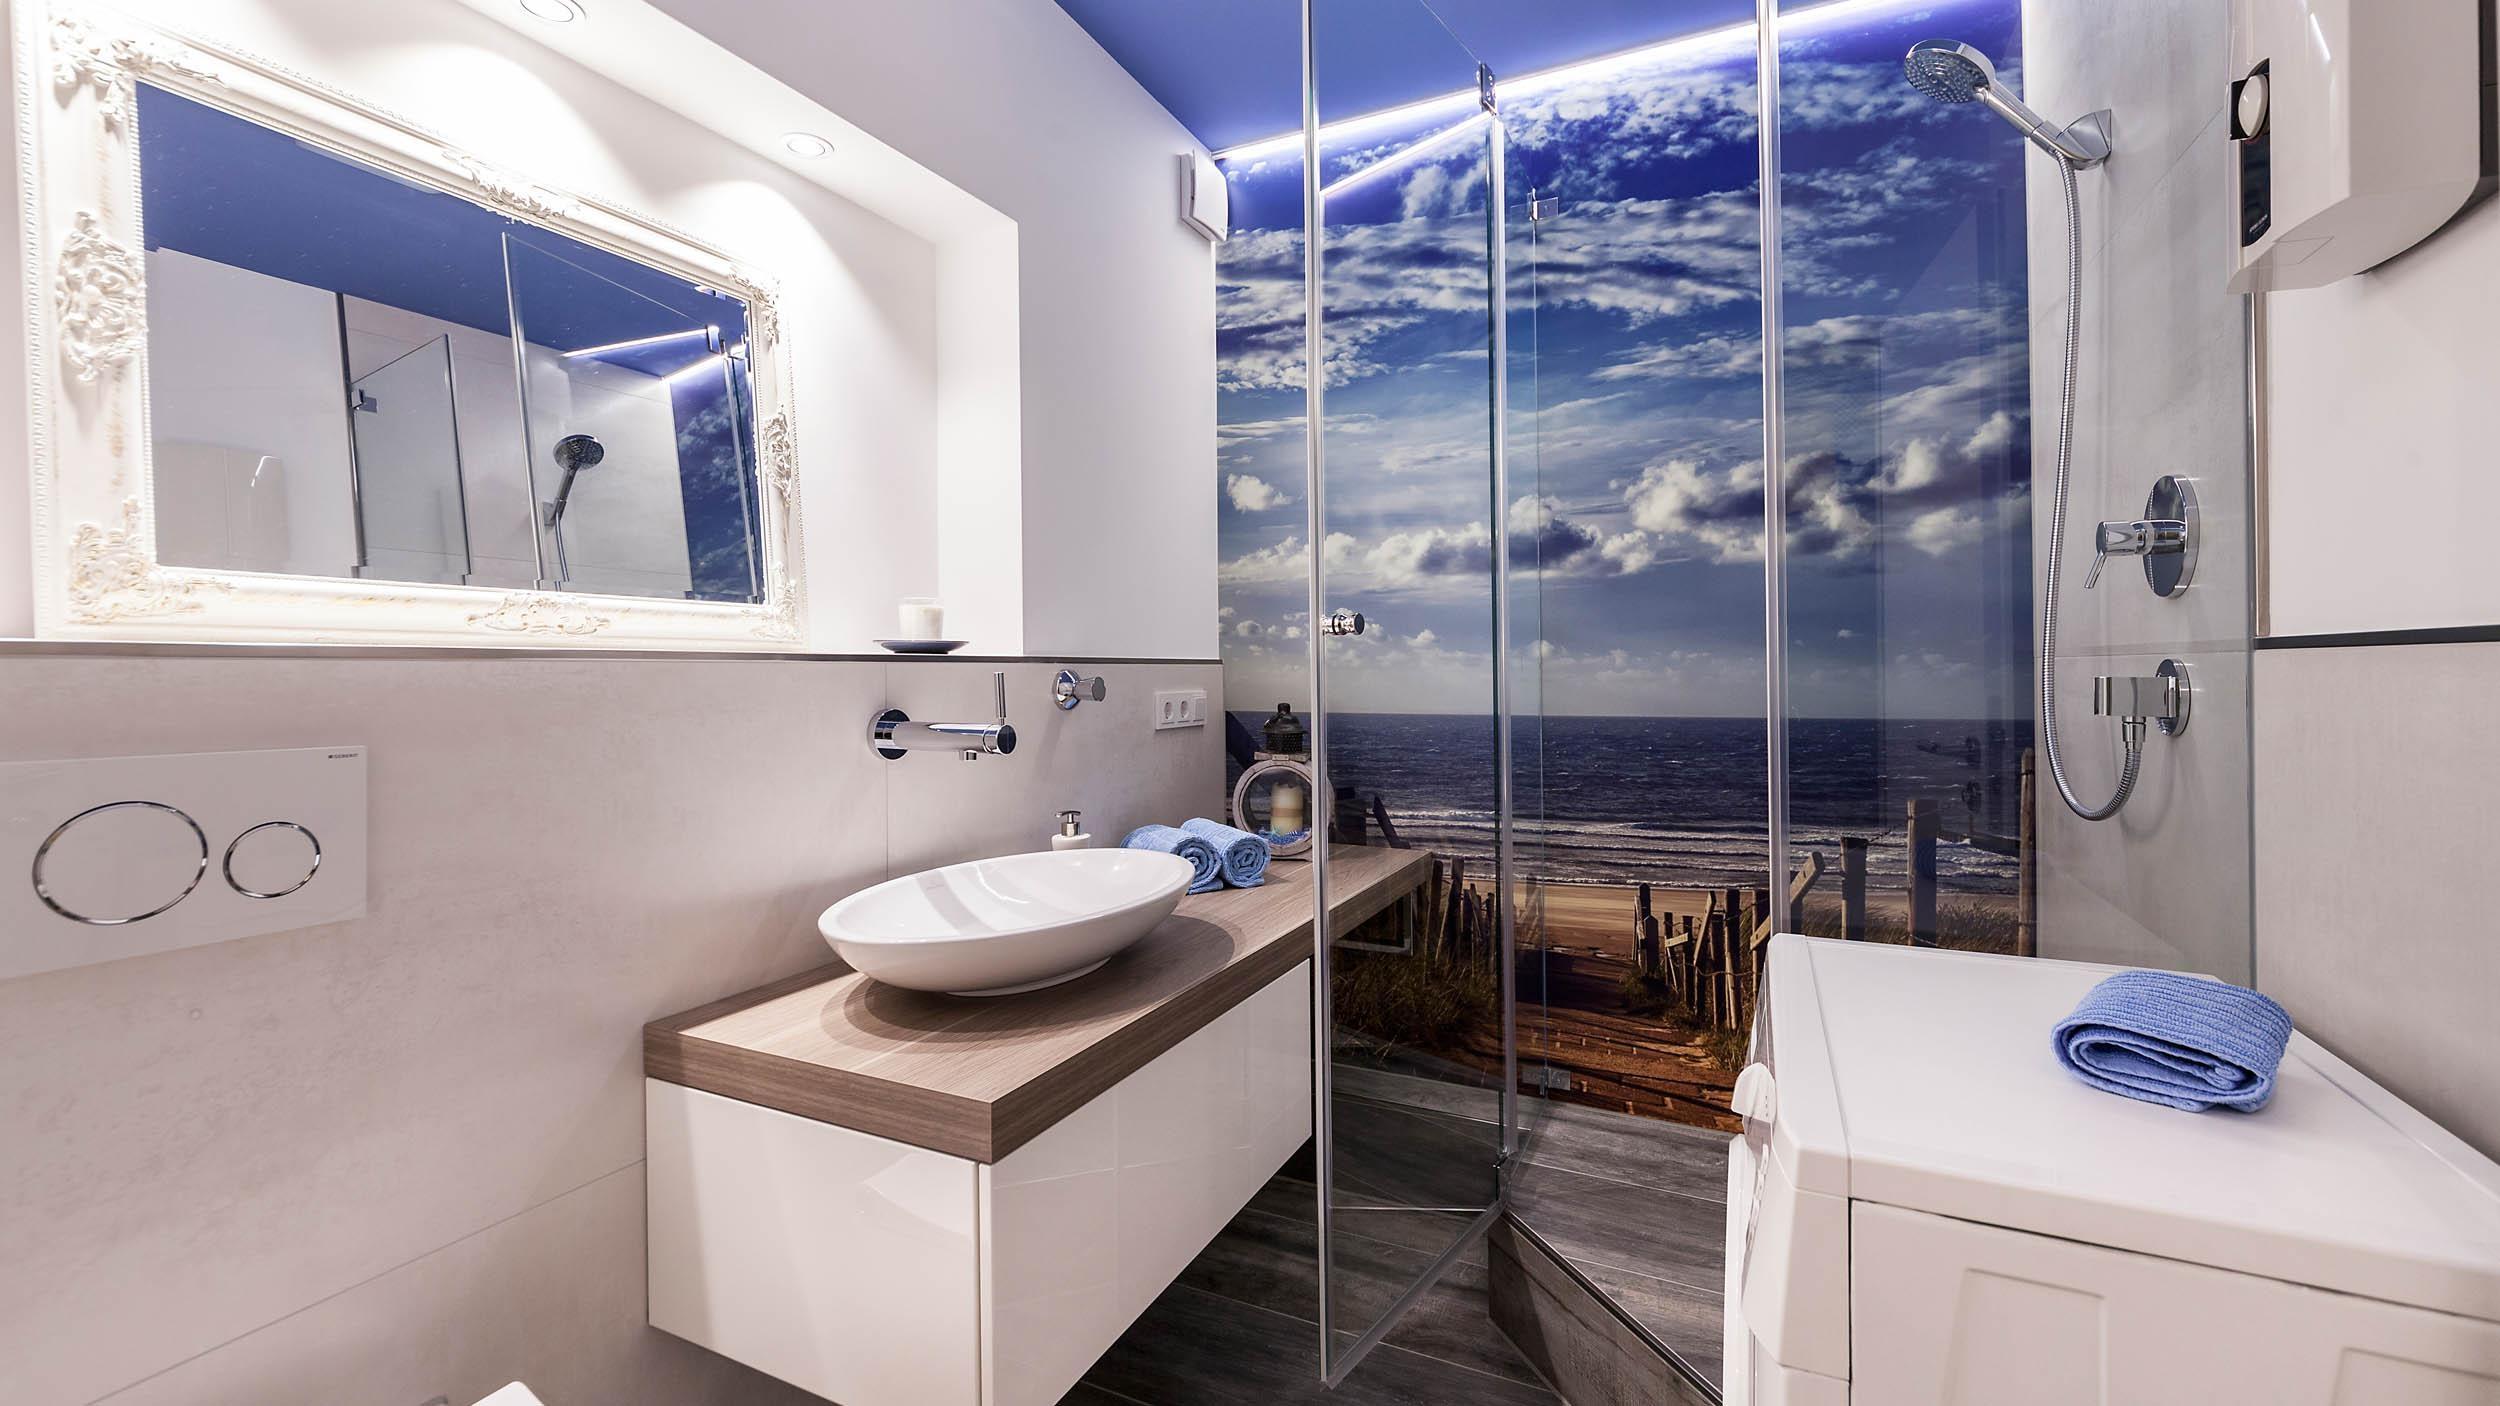 #bestebadstudios #badezimmer #bad #dusche #badmöbel #waschbecken #baddeko  #modernesbadezimmer